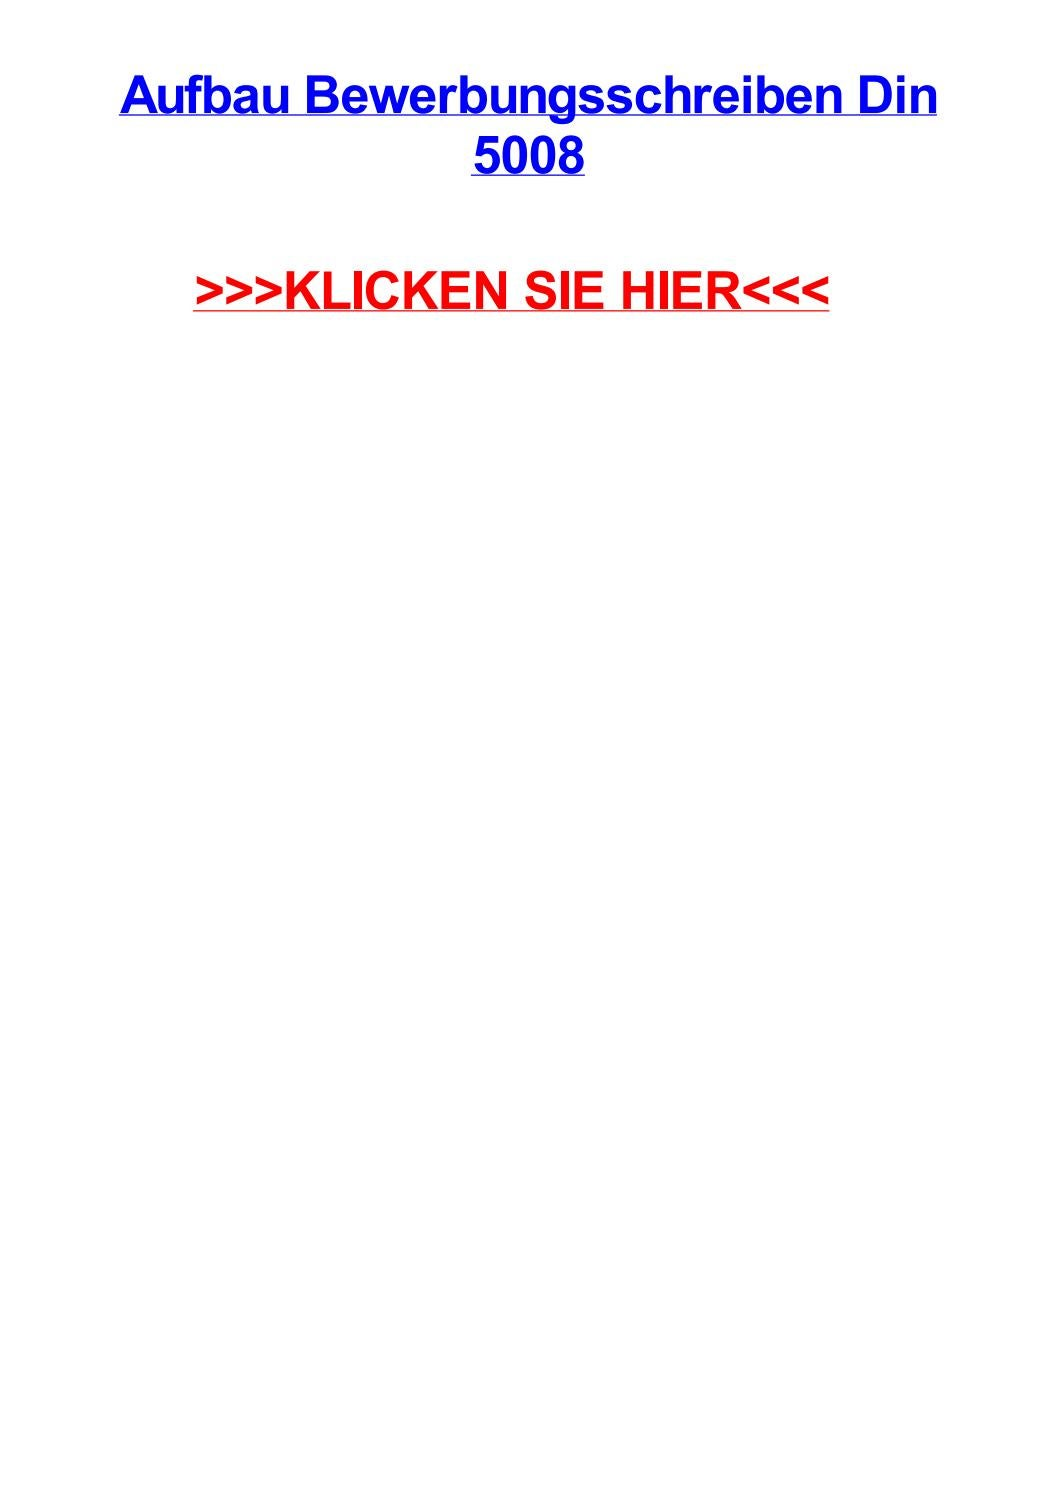 Ungewöhnlich Formular Für Serviceanfrageformular Galerie - Entry ...